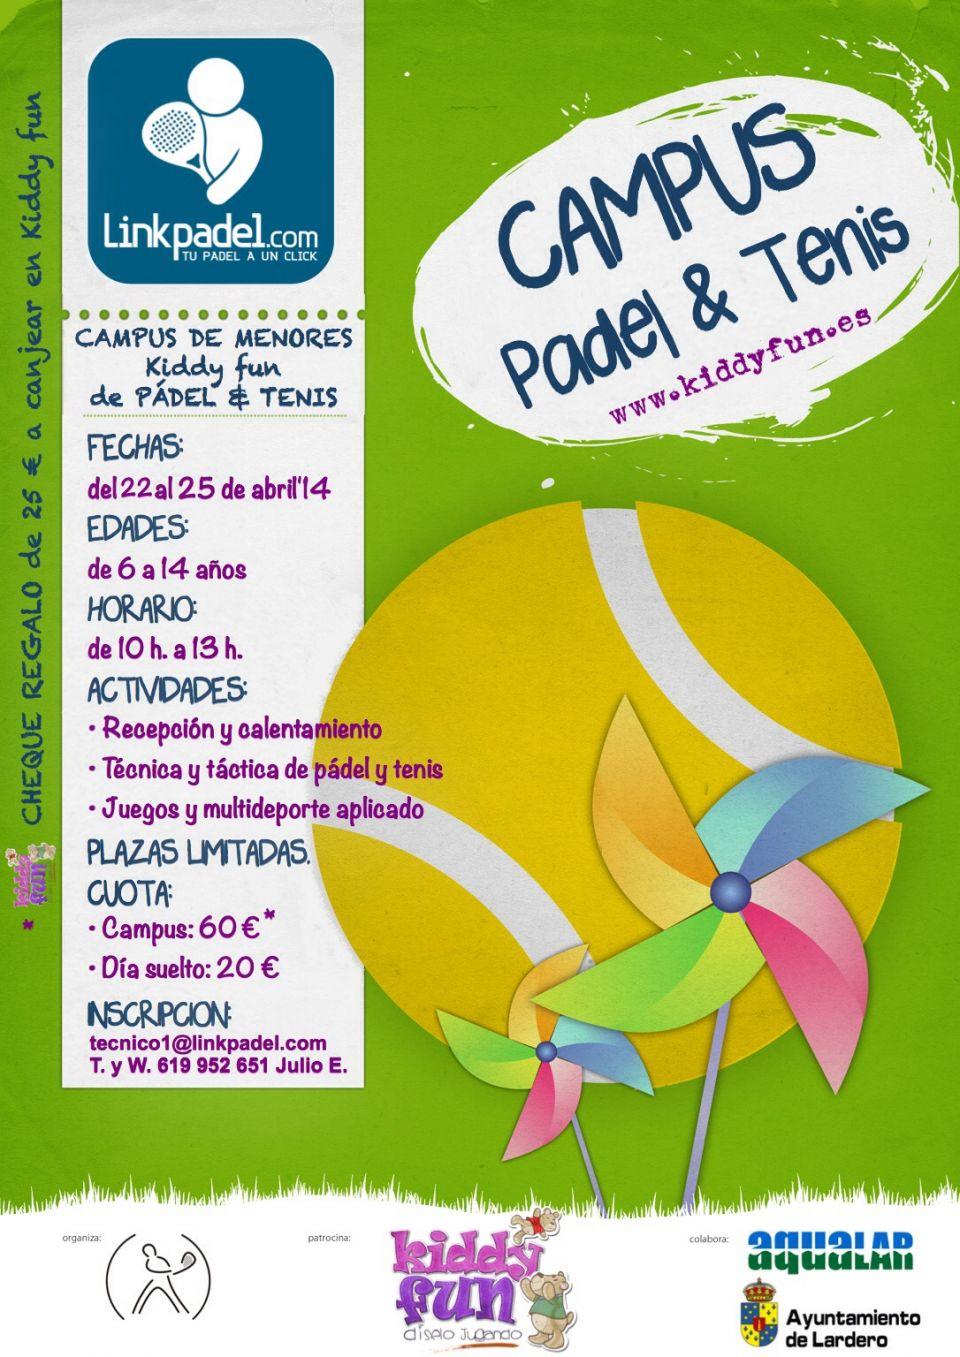 http://www.linkpadel.com/index.php/torneos/215-campus-de-menores-kiddy-fun-de-padel-a-tenis